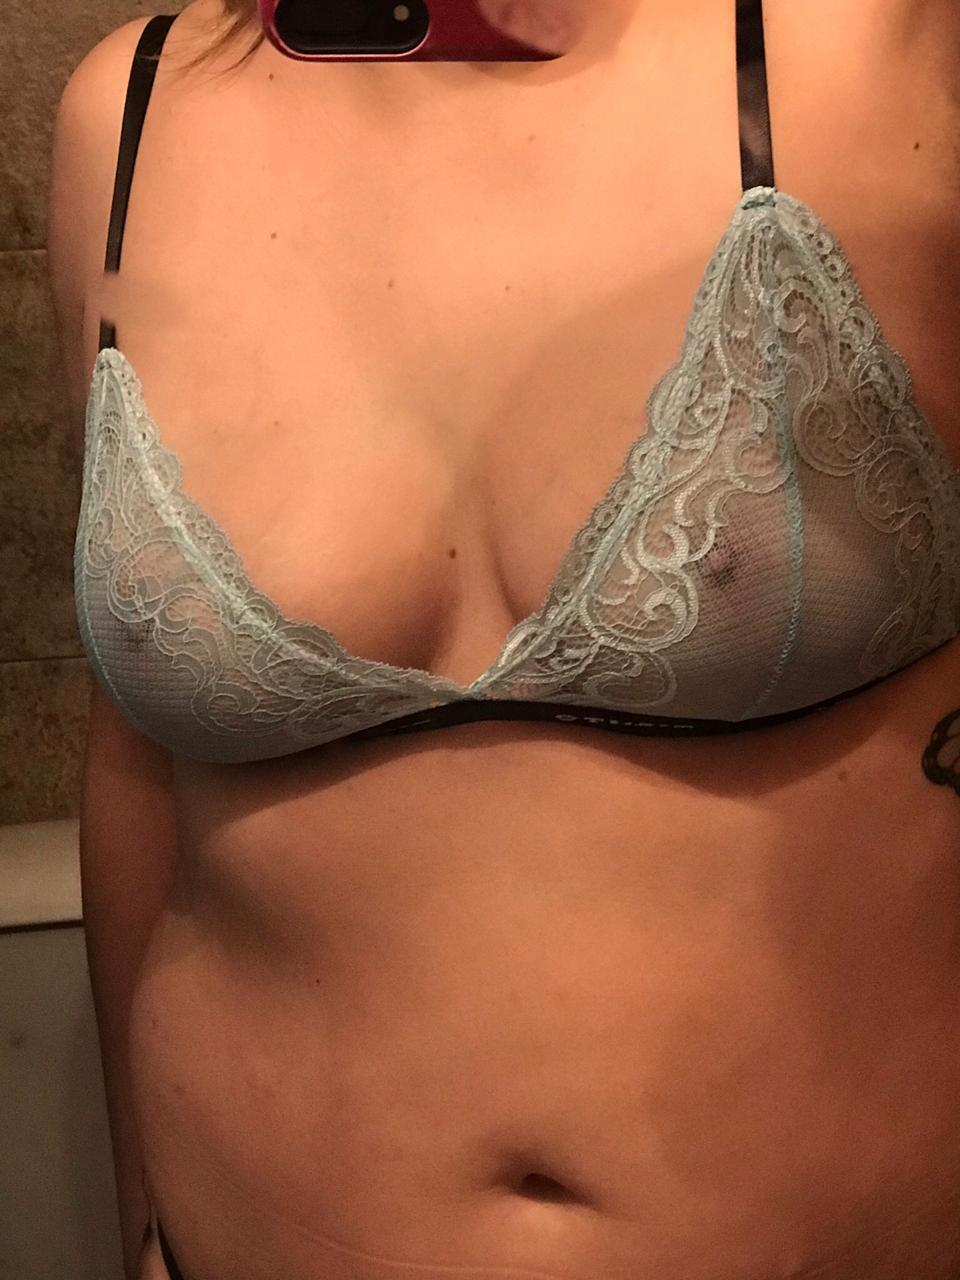 fotos chicas lenceria transparencias, fotos amateurs desnudas